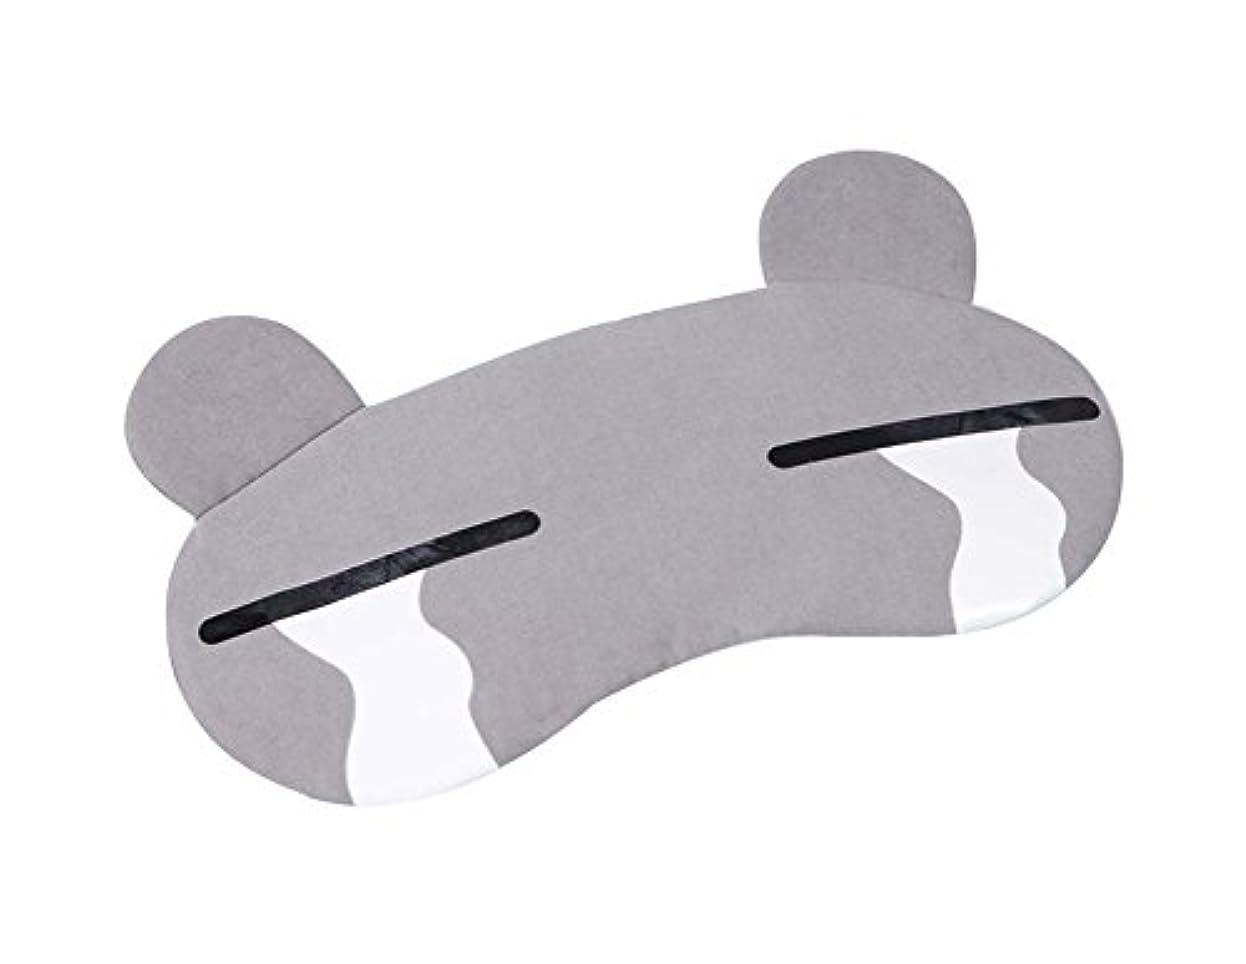 スタンド半ばスキップグレー泣く睡眠の目マスク快適な目のカバー通気性のあるアイシェイド